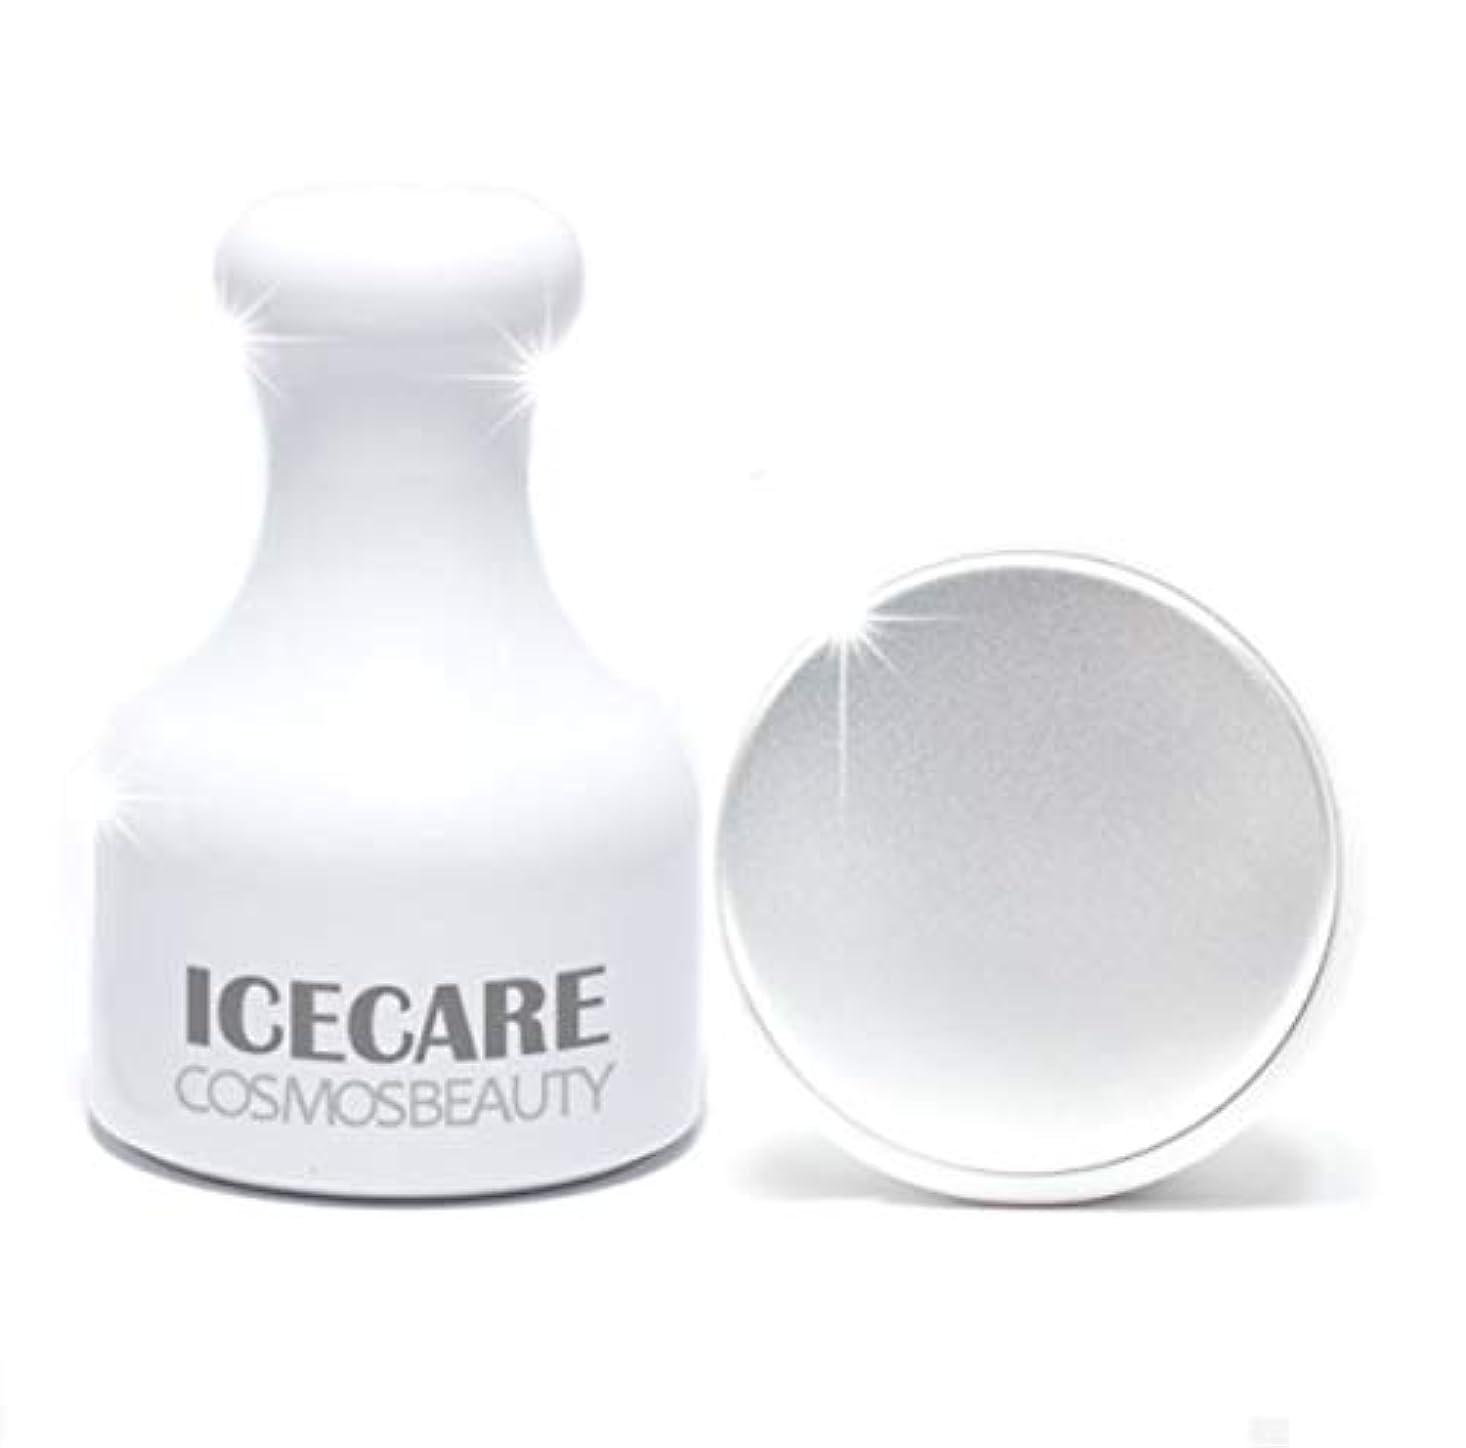 区金貸し九時四十五分Cosmosbeauty Ice Care 毛穴ケア、冷マッサージ,フェイスクーラーアイスローラーフェイスローラー顔マッサージ機構の腫れ抜き方法毛穴縮小(海外直送品)